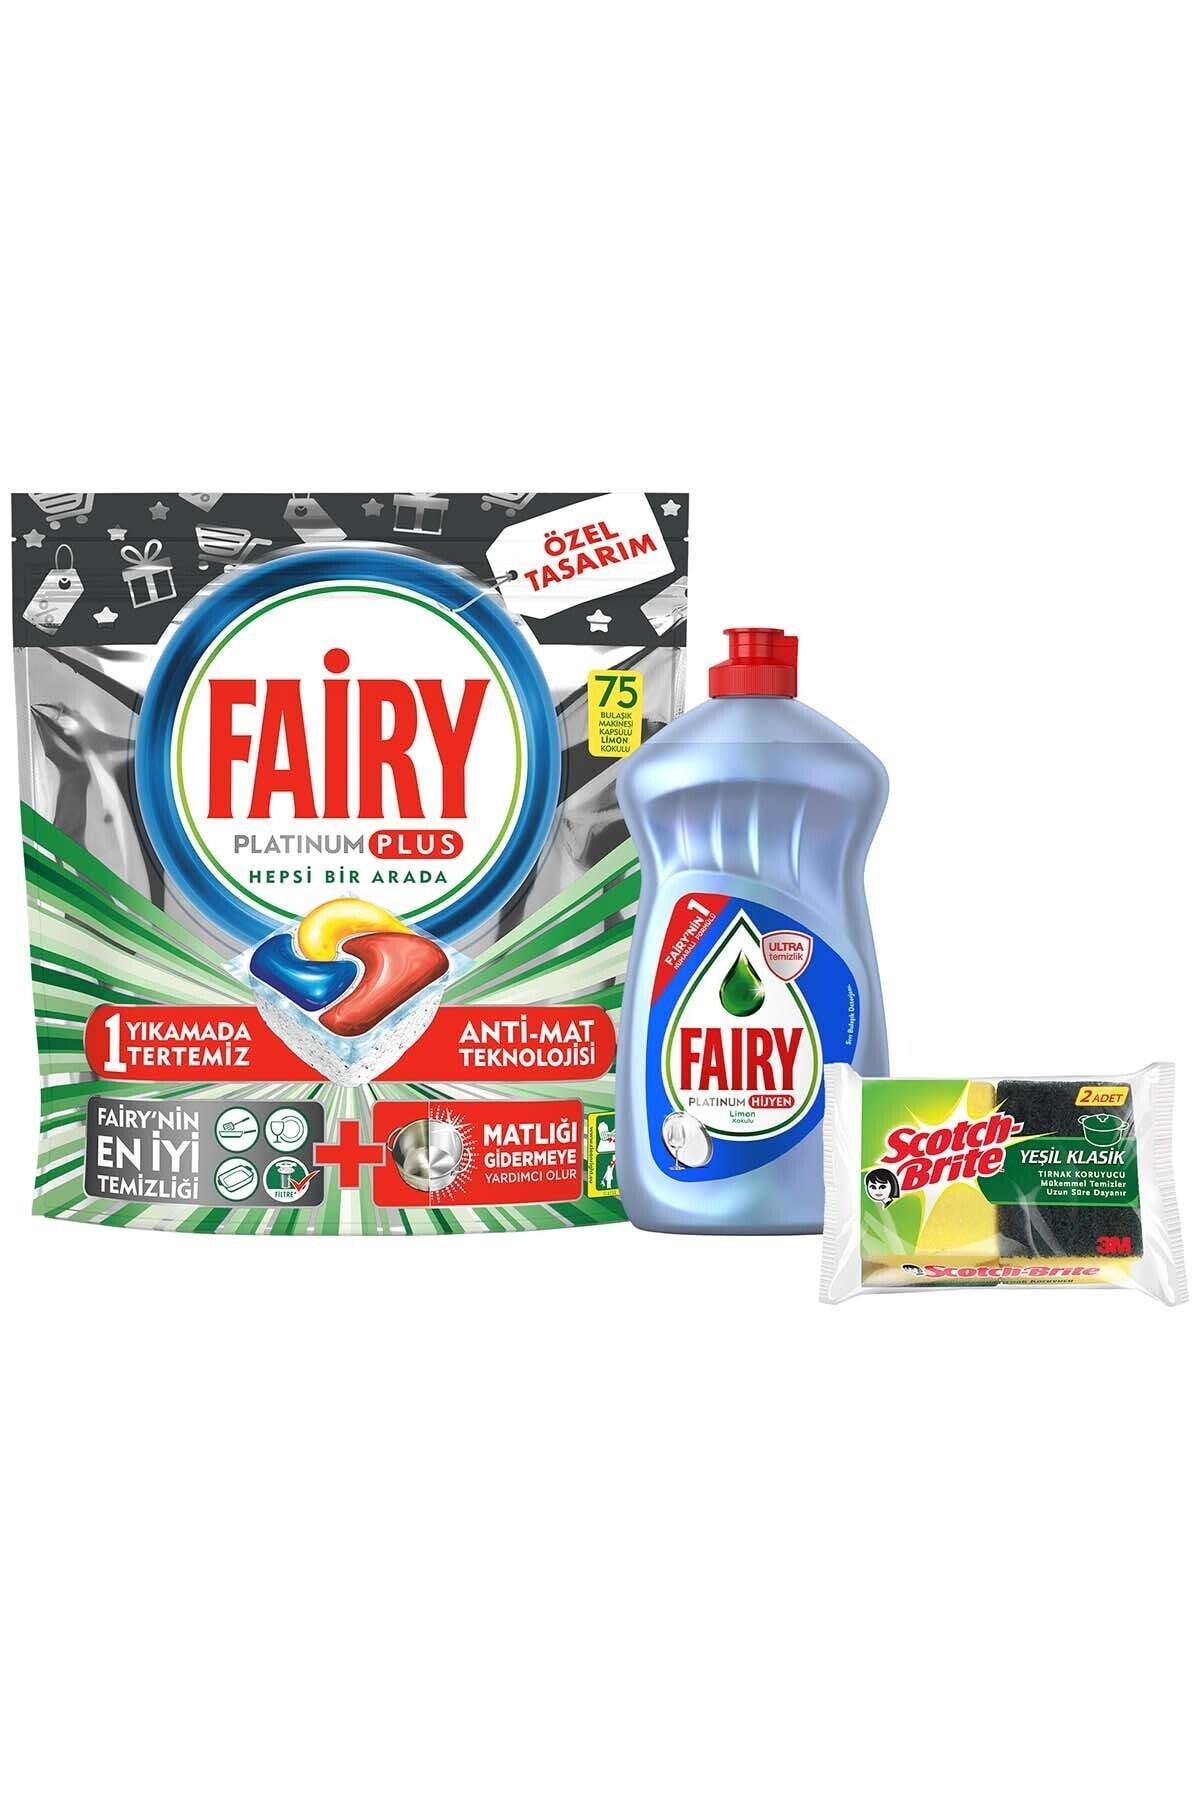 Fairy Platinum Plus 75 Yıkama Bulaşık Makinesi Kapsülü+500ml Sıvı Hijyen+sünger 2